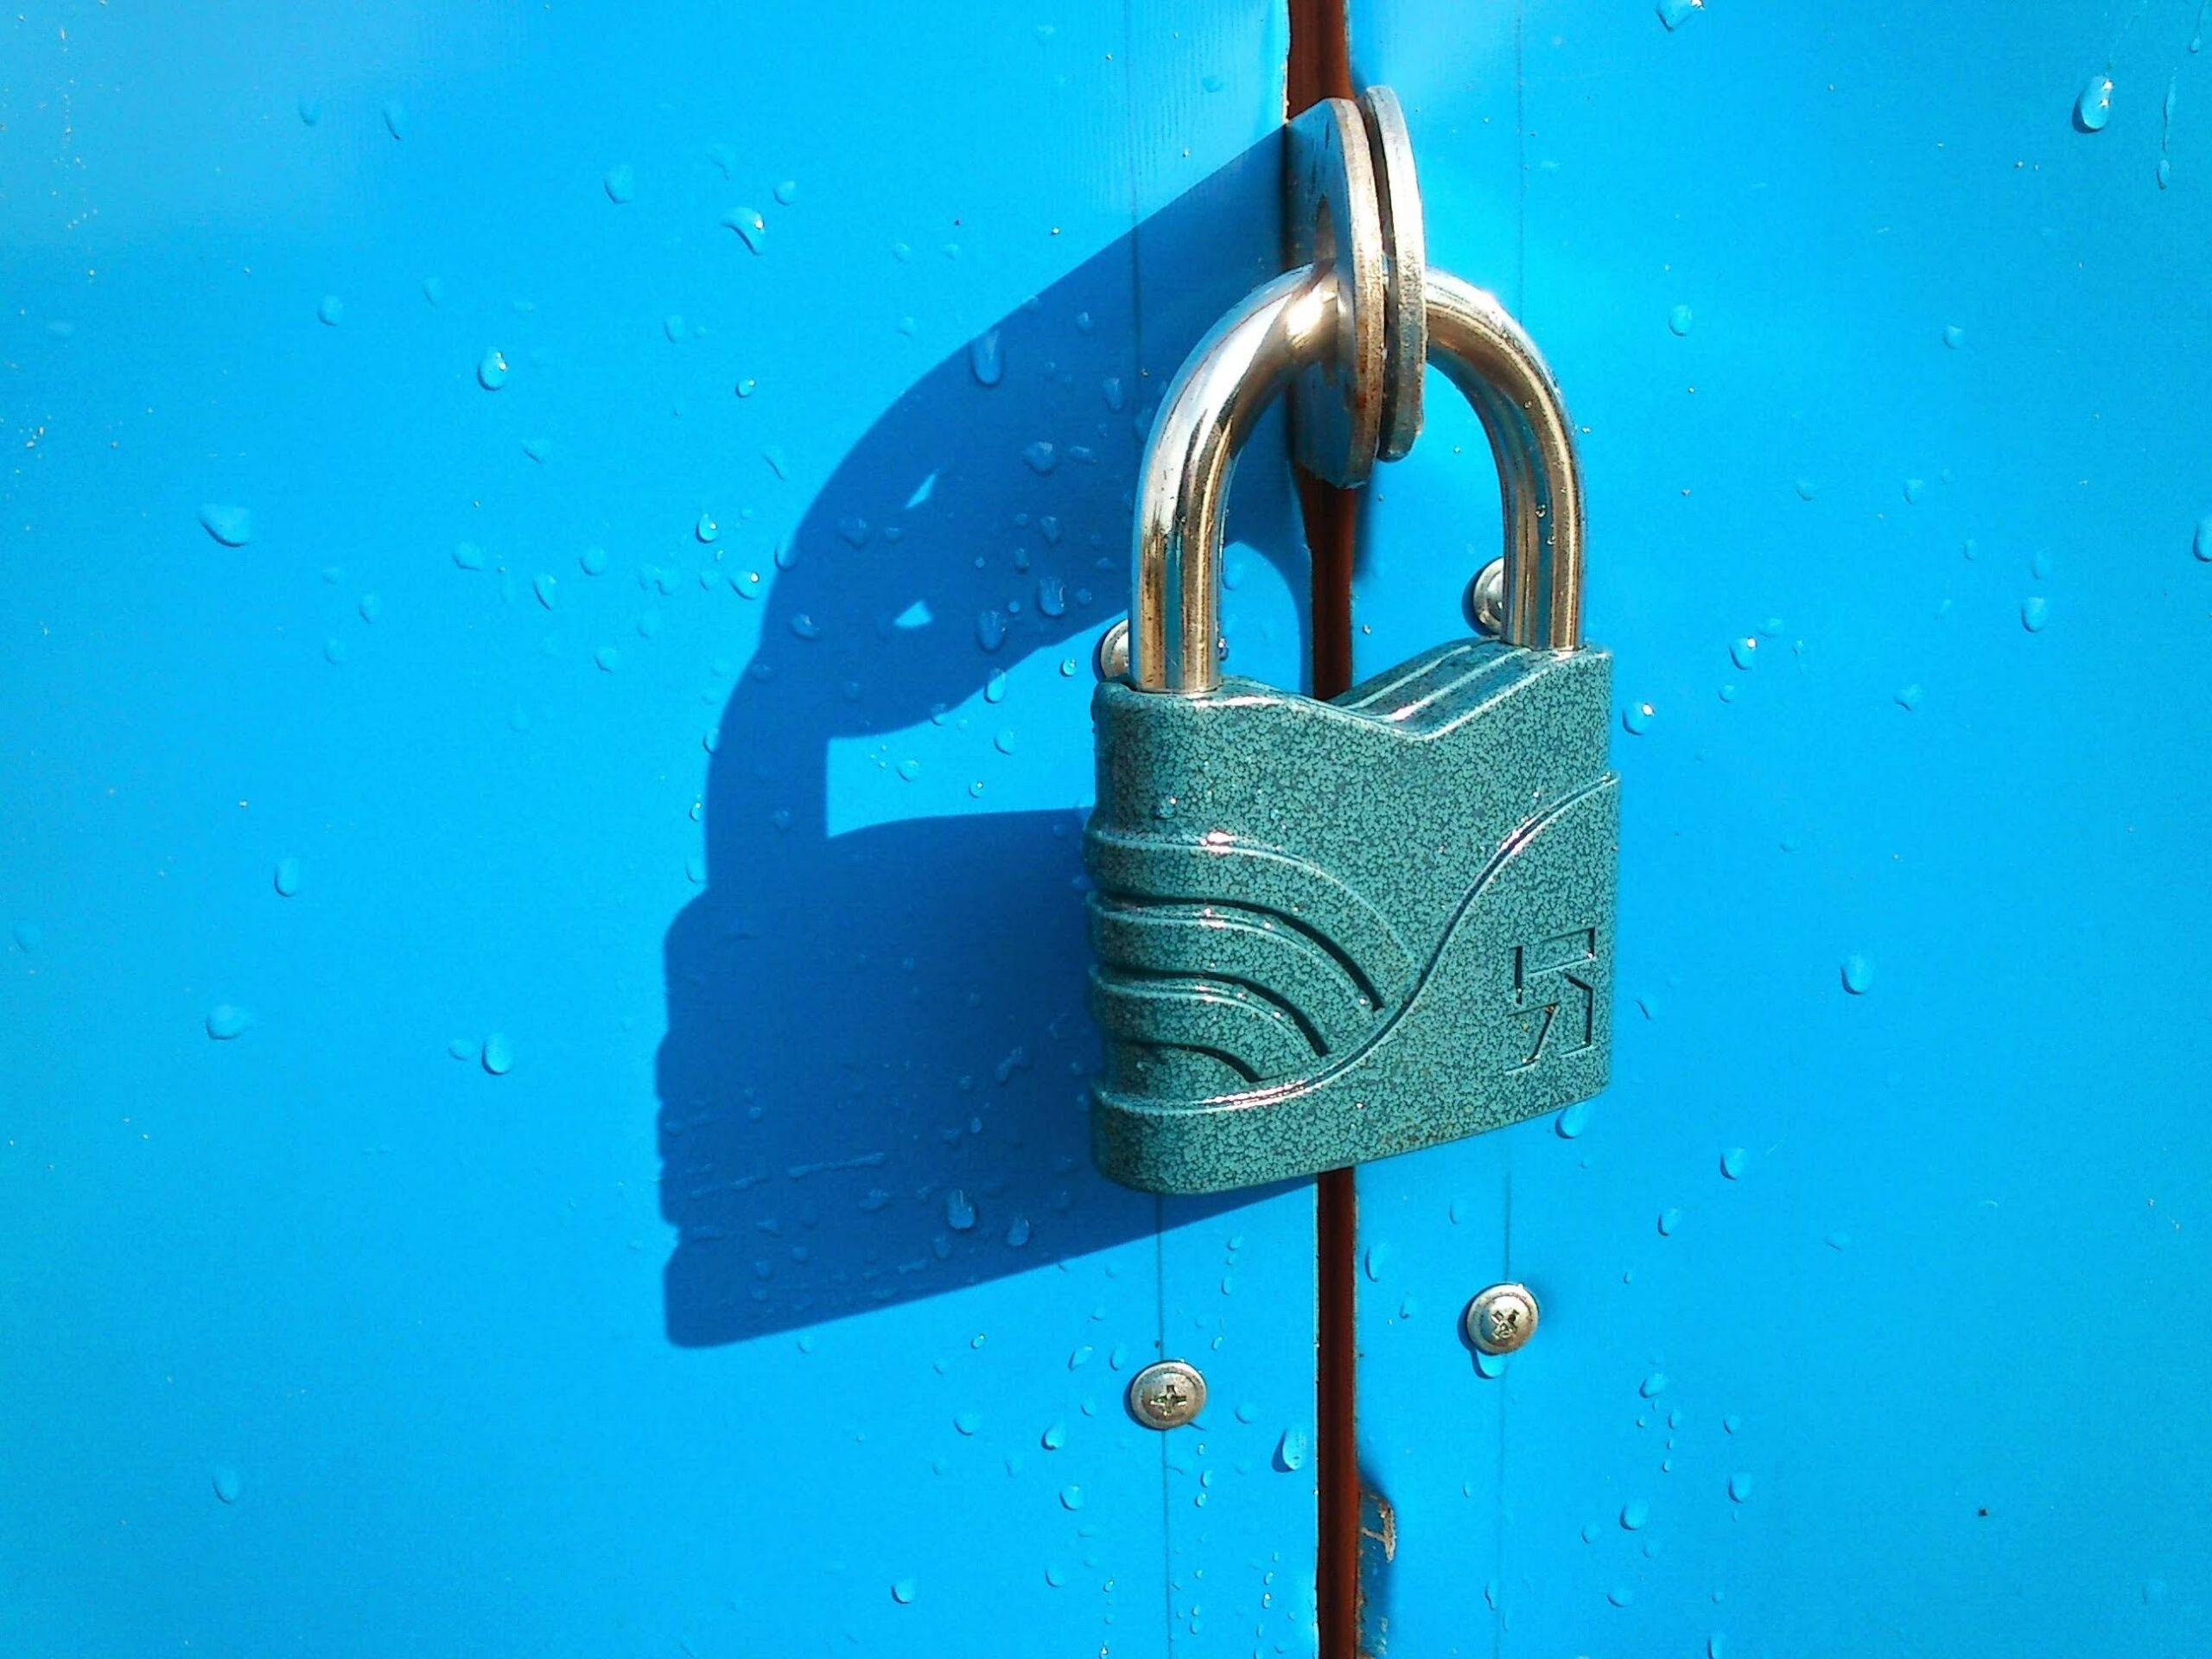 Τρεις βασικοί κανόνες για να προστατέψετε την ιστοσελίδα σας